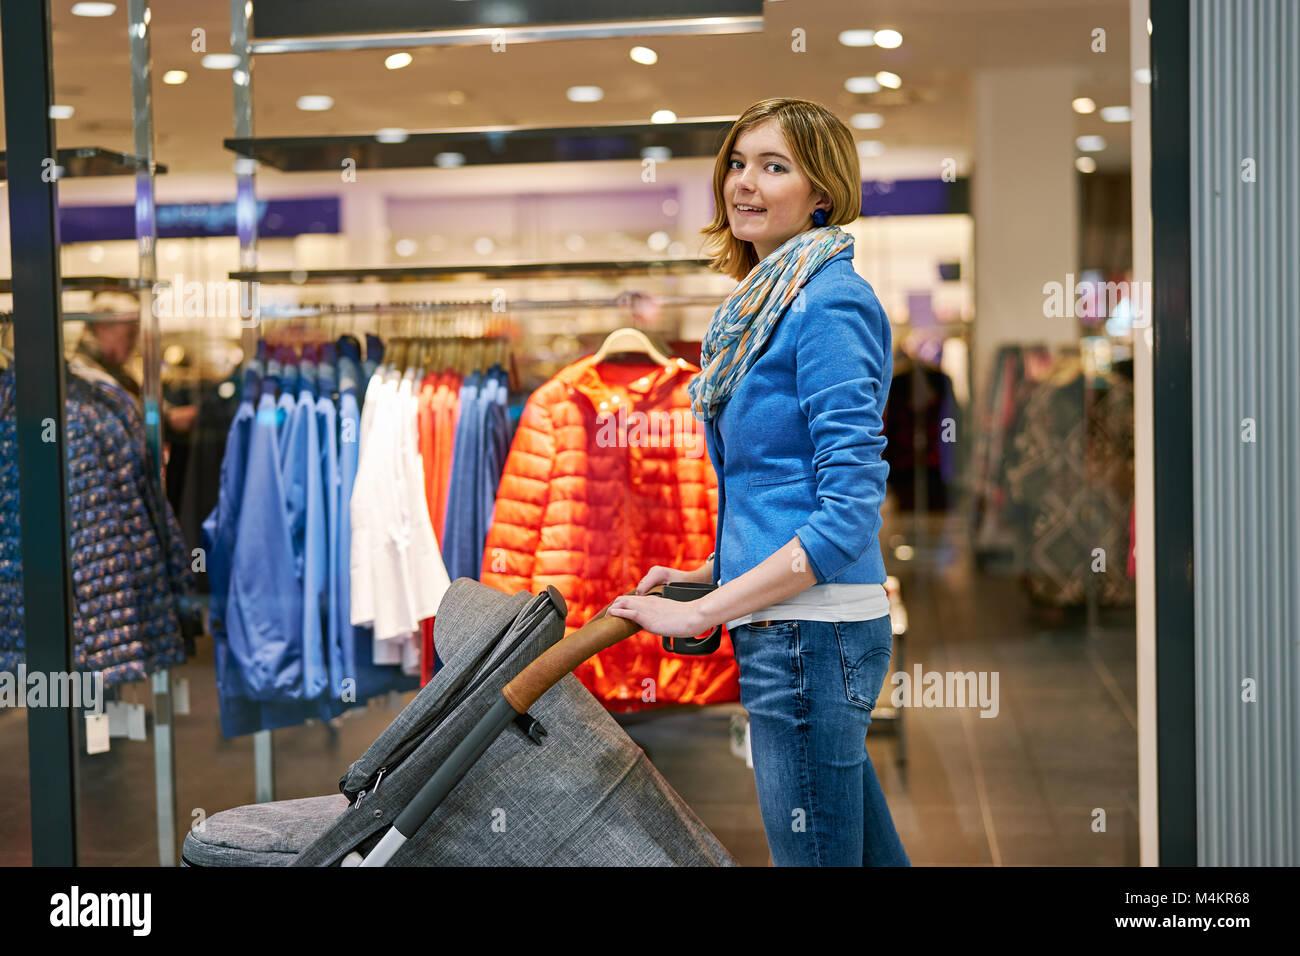 Mujer joven durante compras Foto de stock